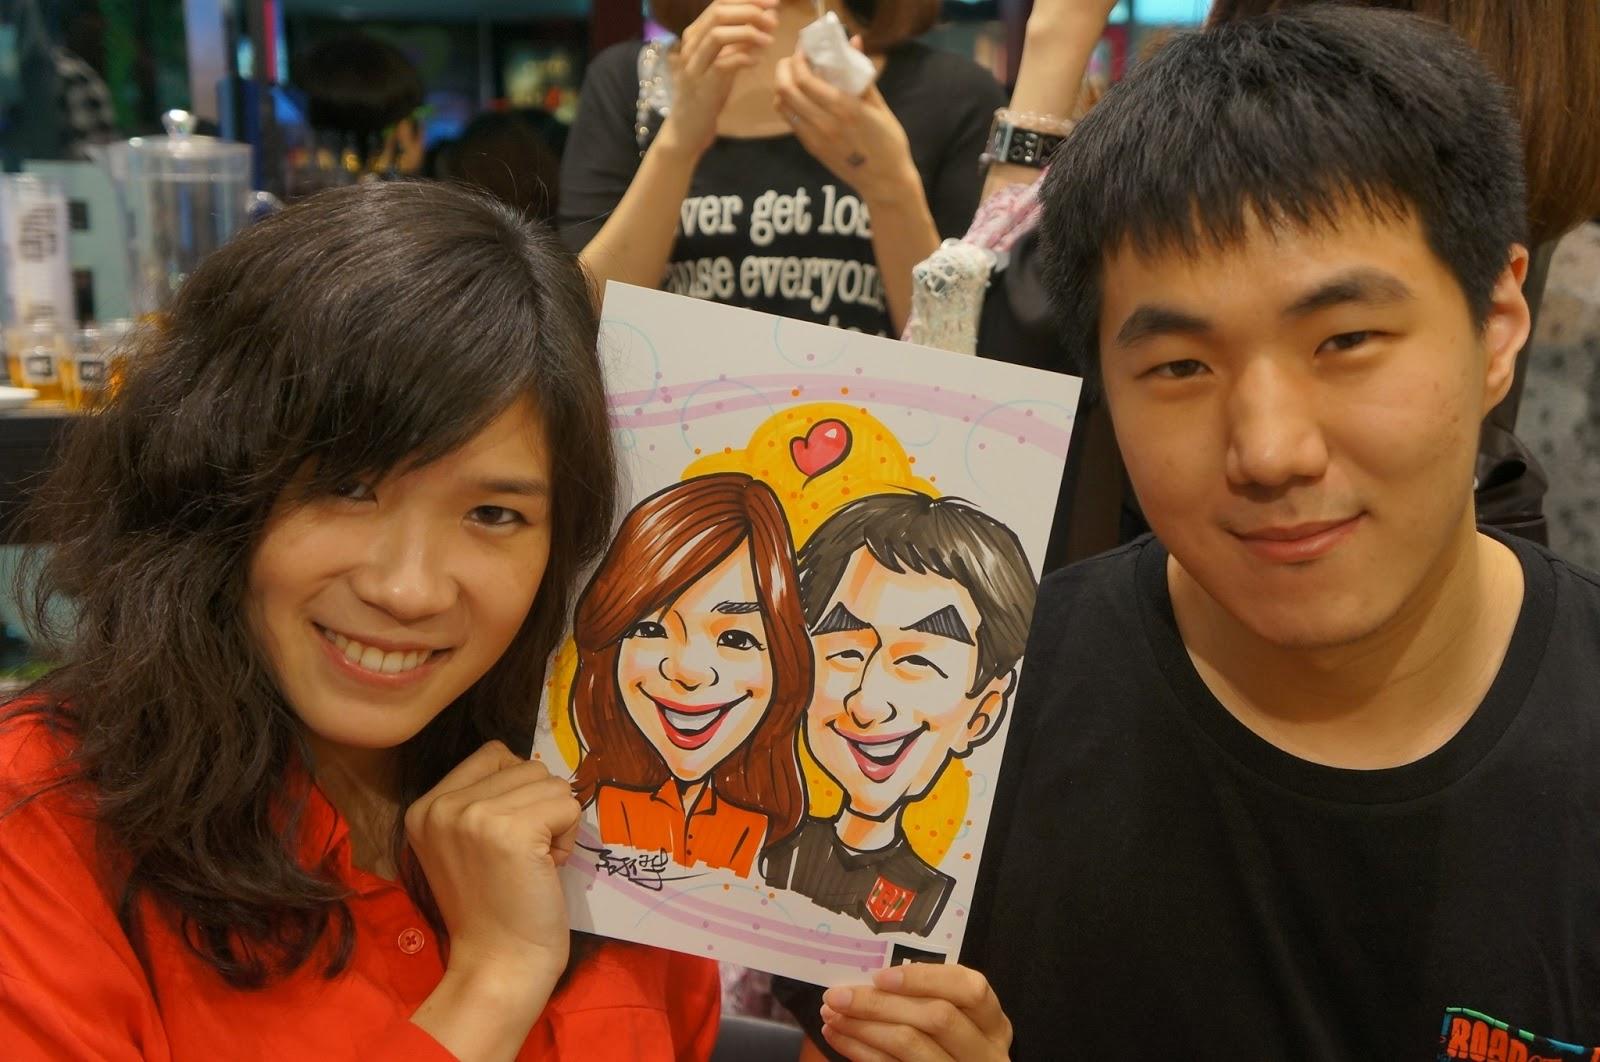 阿傑老師專業人像漫畫服務: 20130607 華那威秀韓國服飾品牌H人像漫畫活動